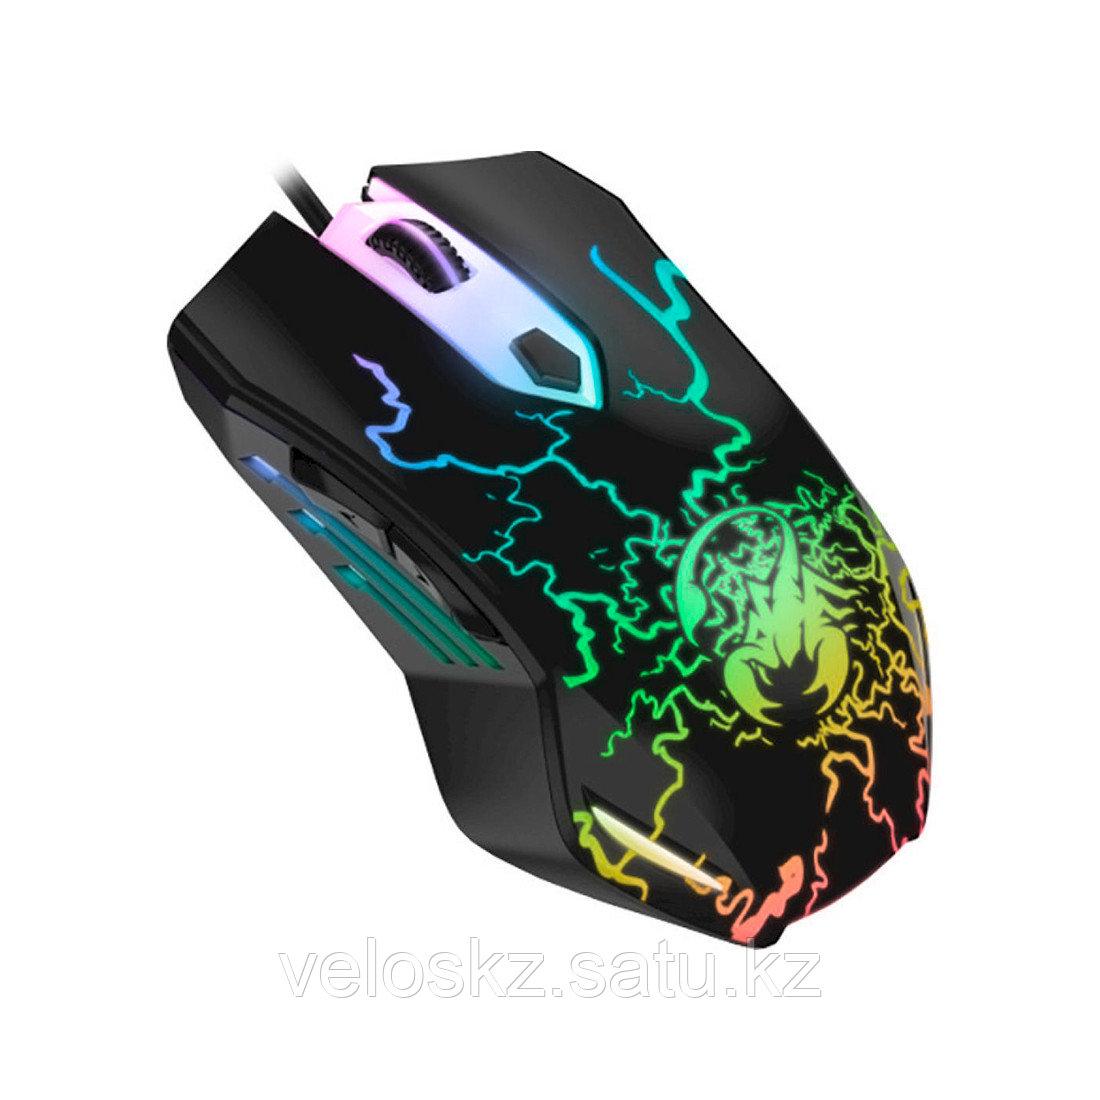 Genius Мышь проводная Genius Scorpion Spear RGB